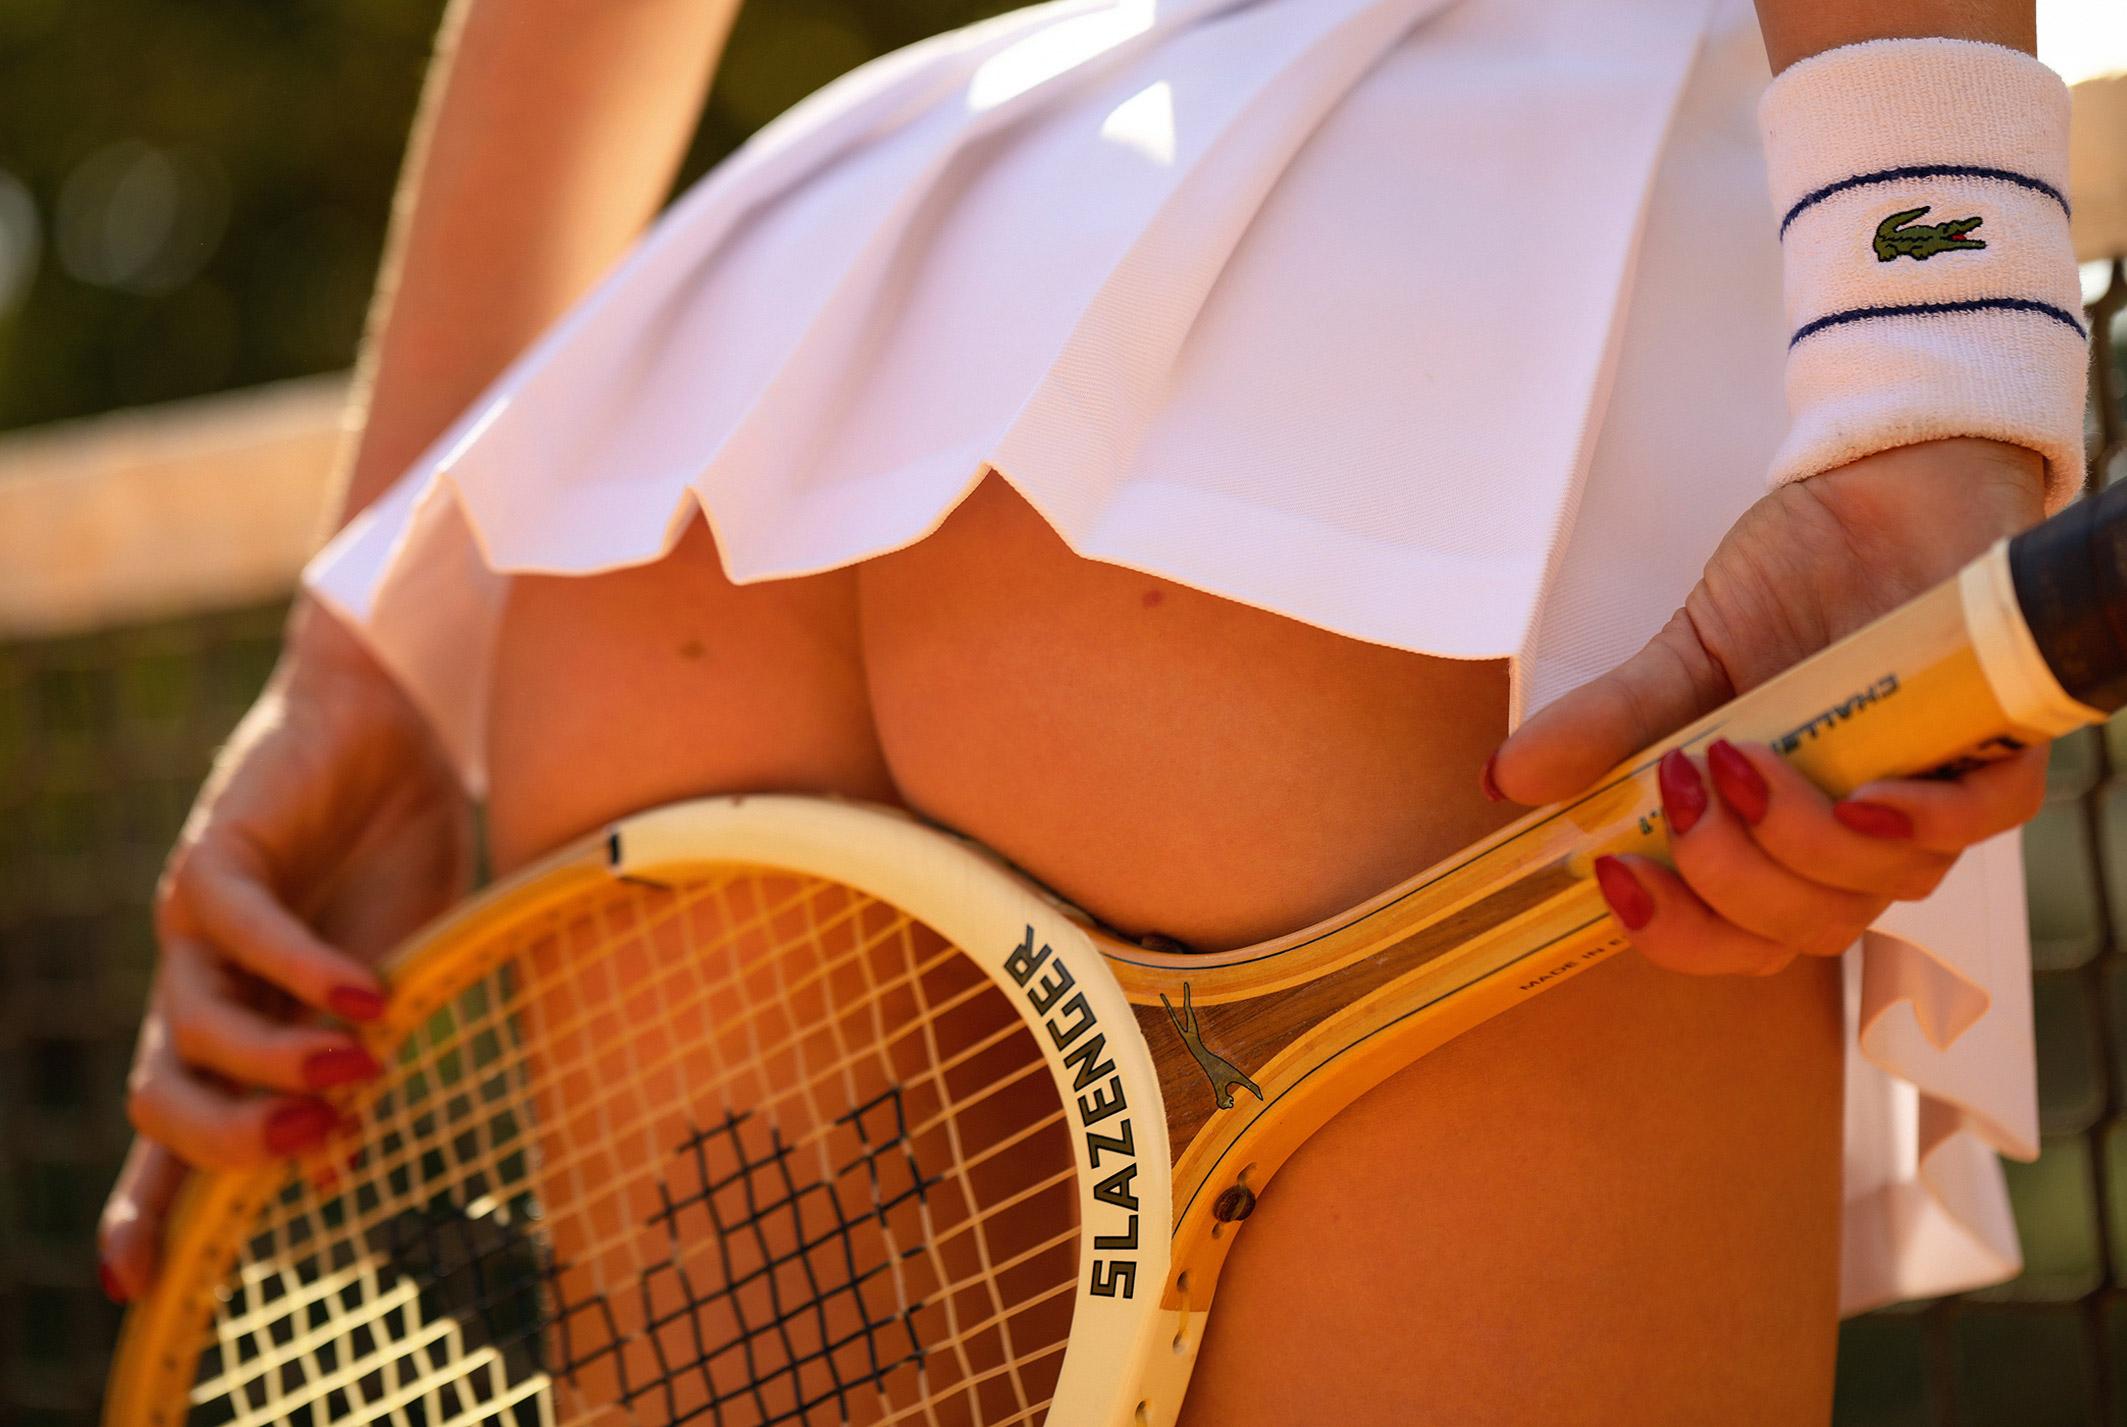 звезда голландского Playboy Свенья ван дер Богарт голая играет в теннис / фото 01